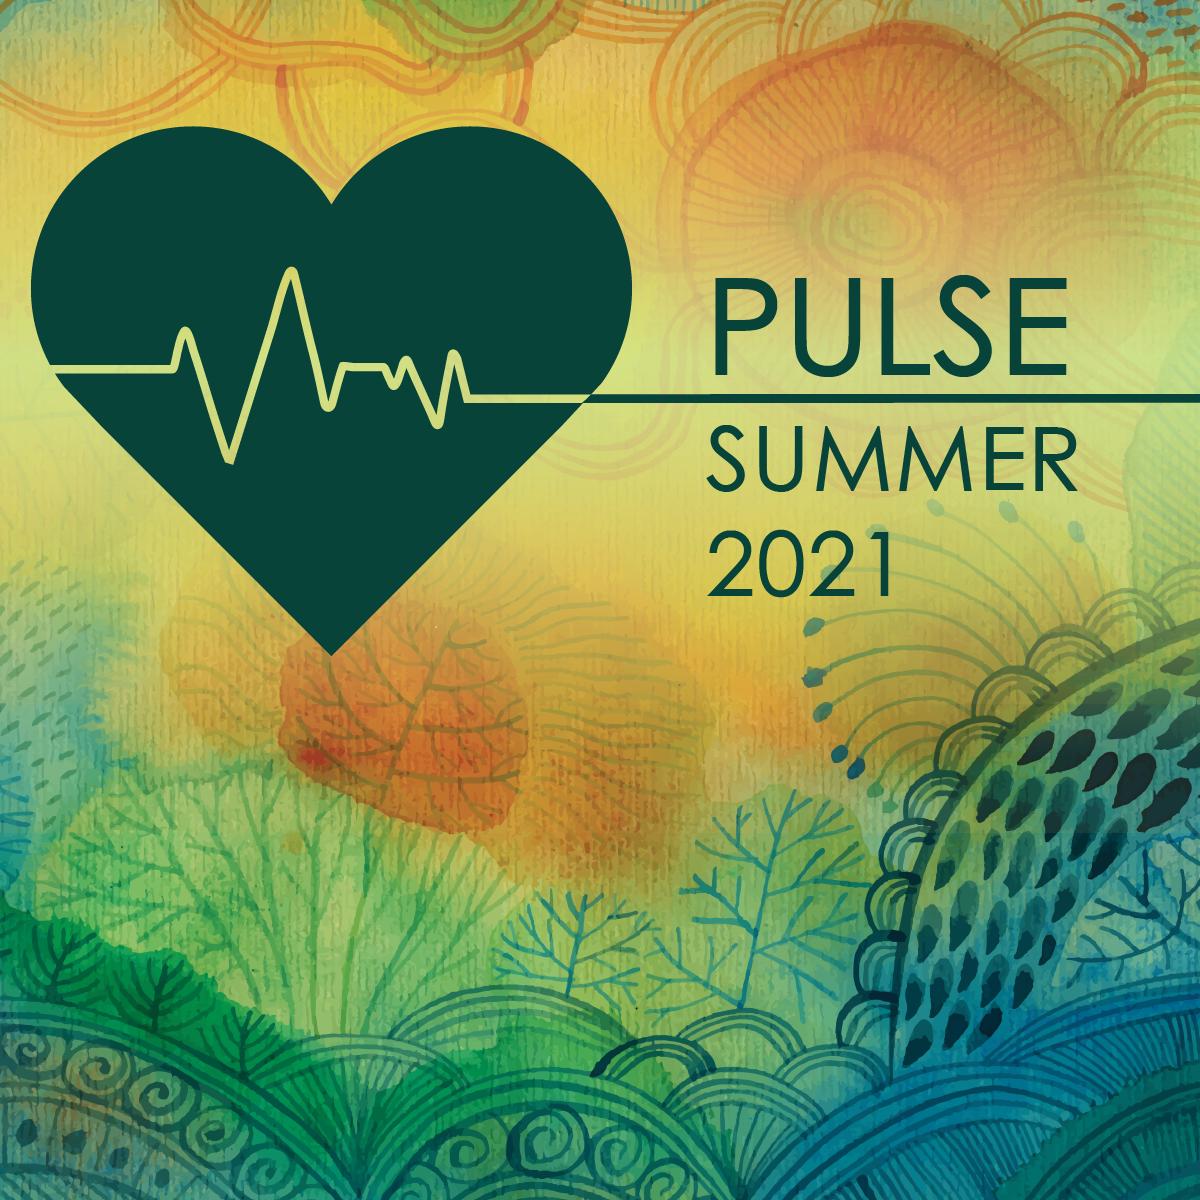 Summer 2021 PULSE logo